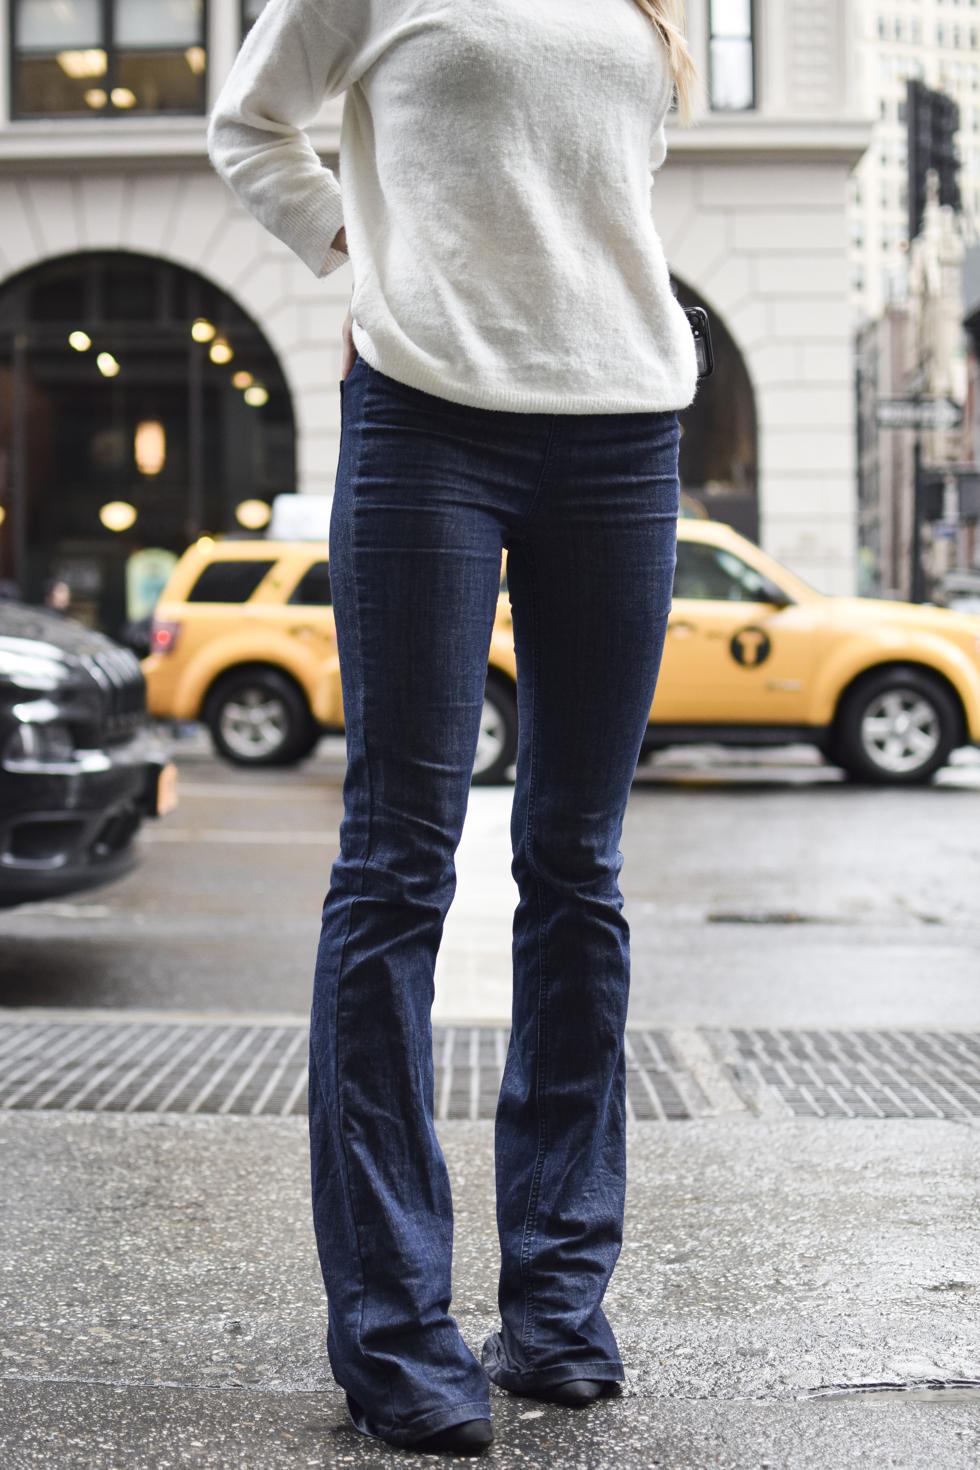 sanne_6thave_new_york_detalj_1